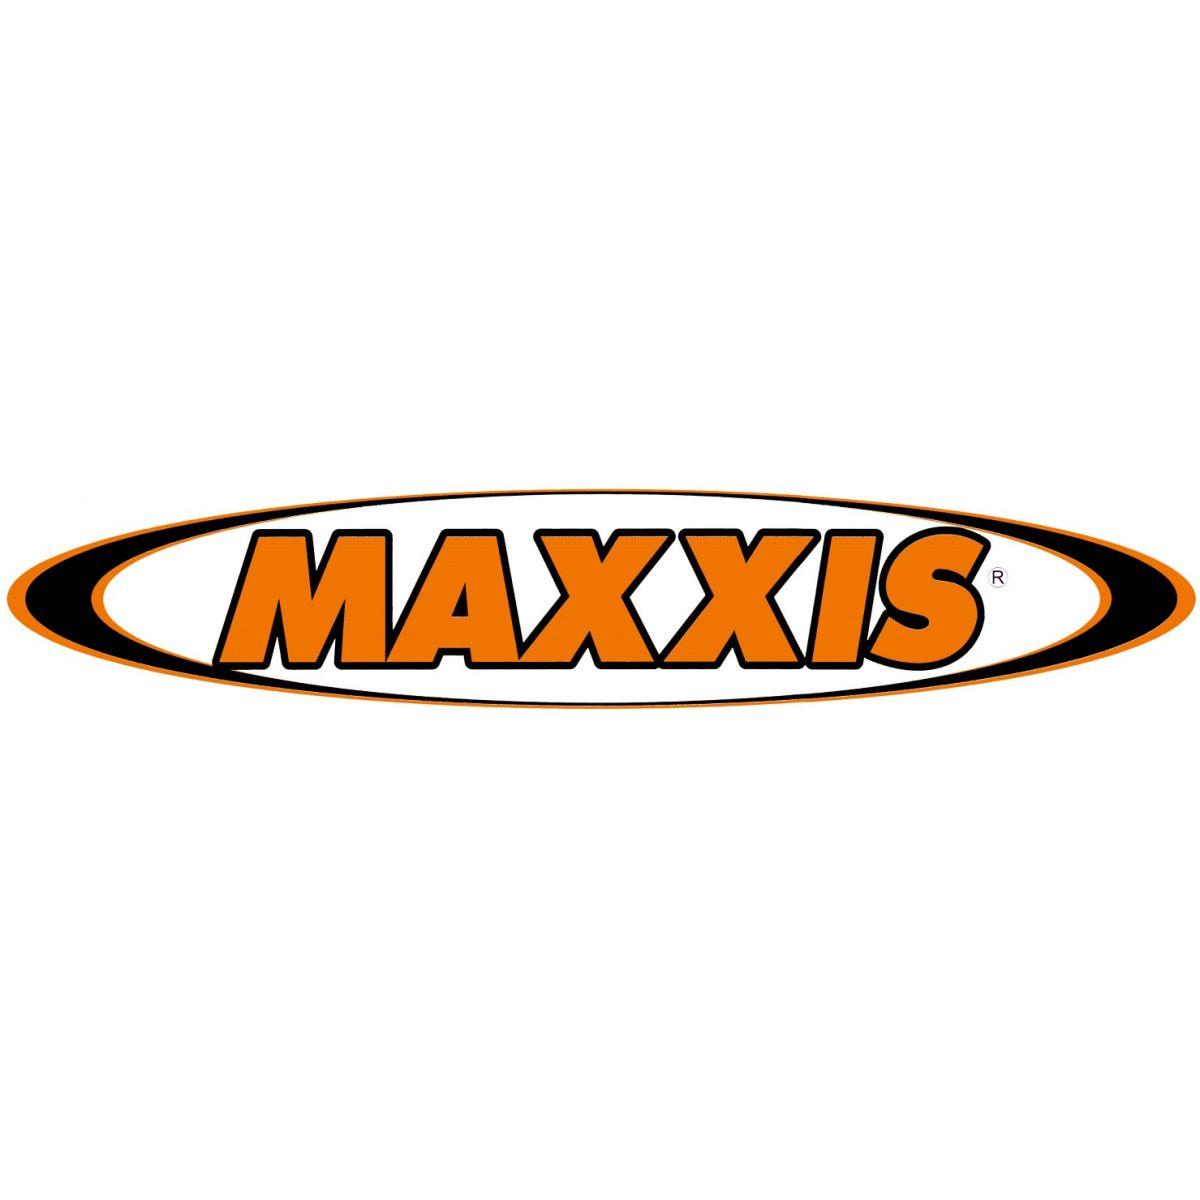 Pneu 120/70R17 Maxxis M6029 58W Moto Bmw 1000, Srad (Dianteiro)